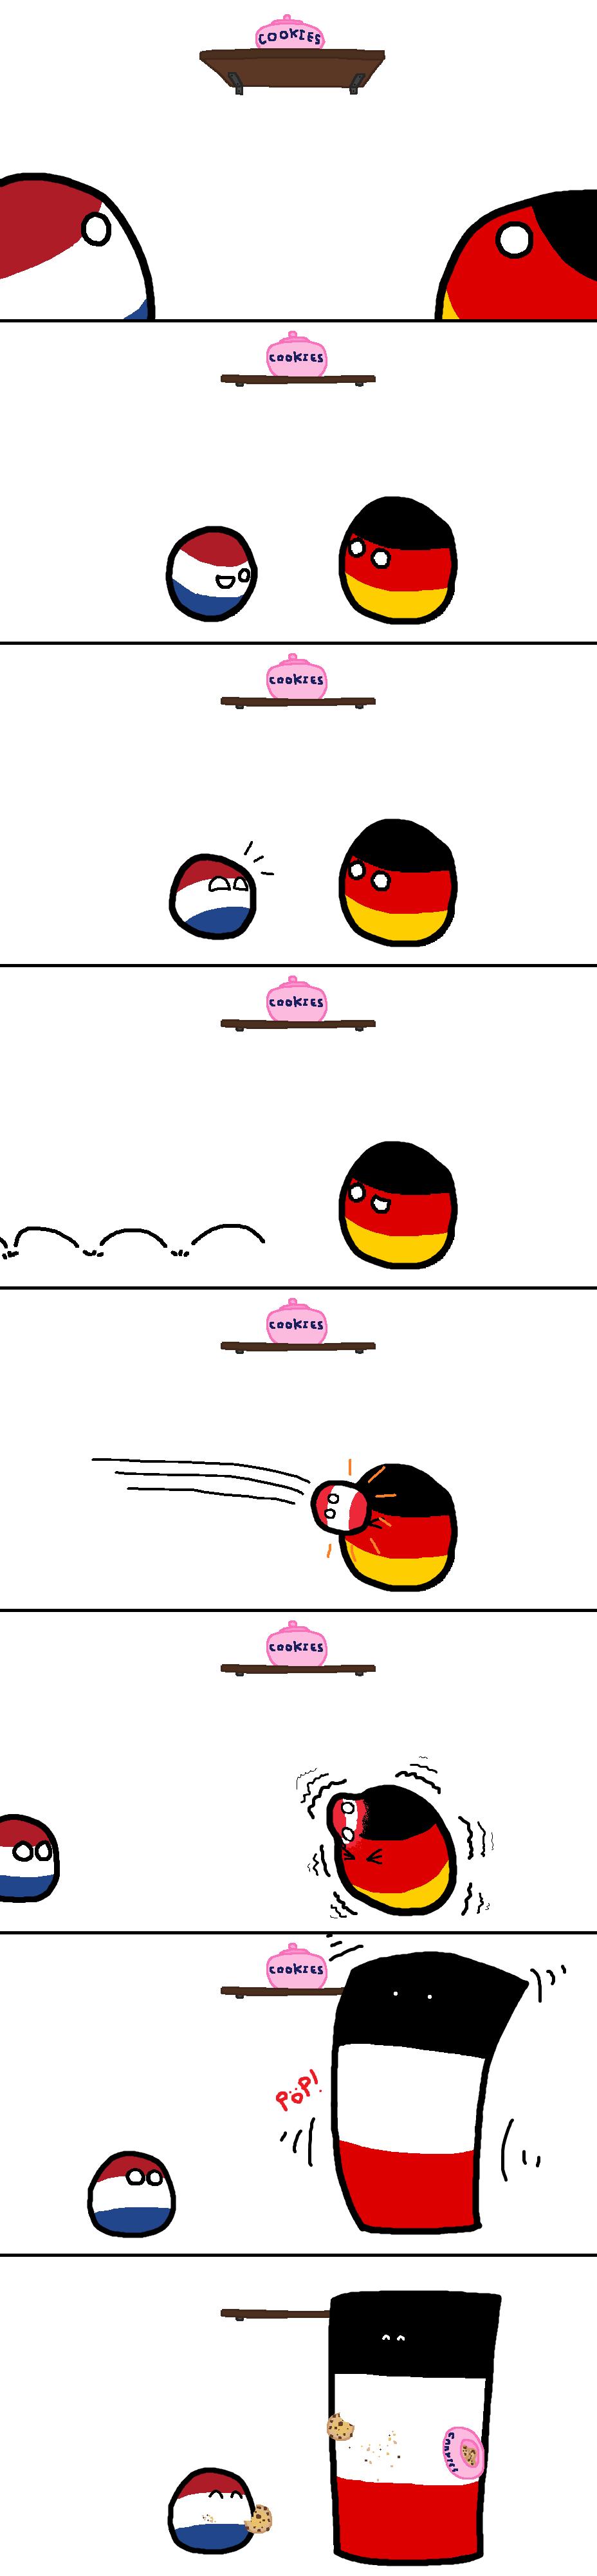 country-balls-die-keksdose